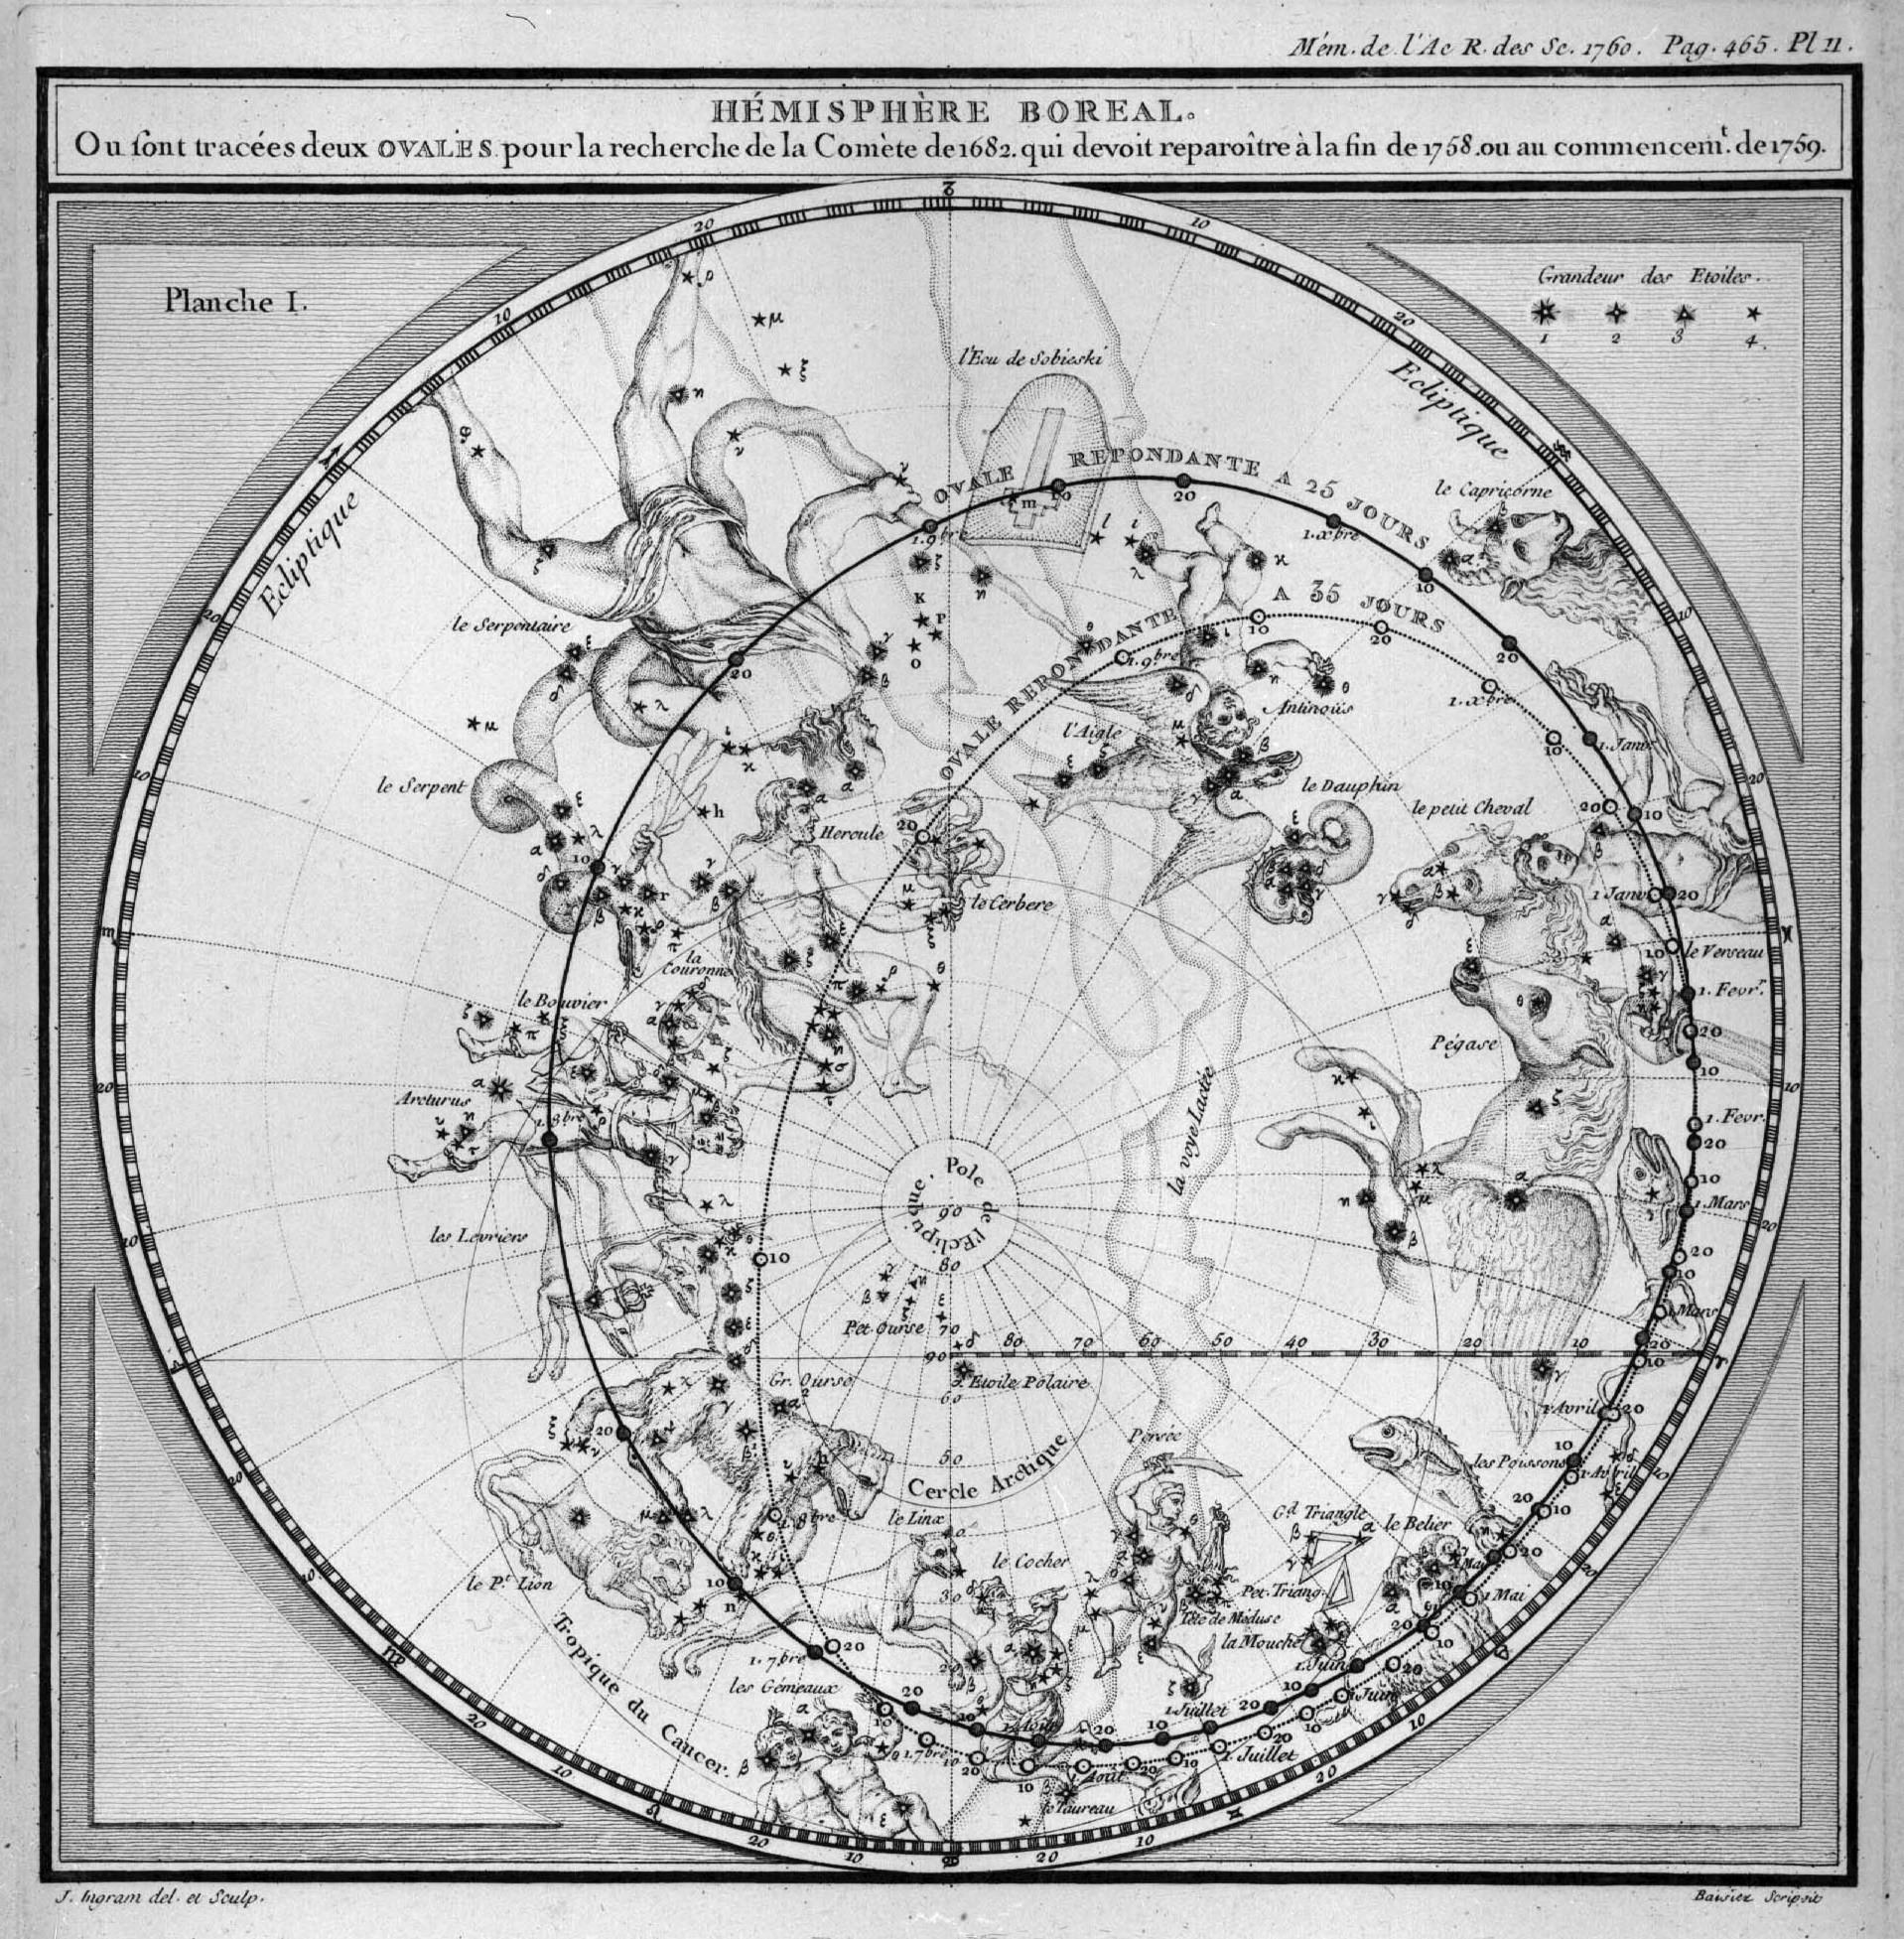 La comète de Halley, la première comète périodique - 5